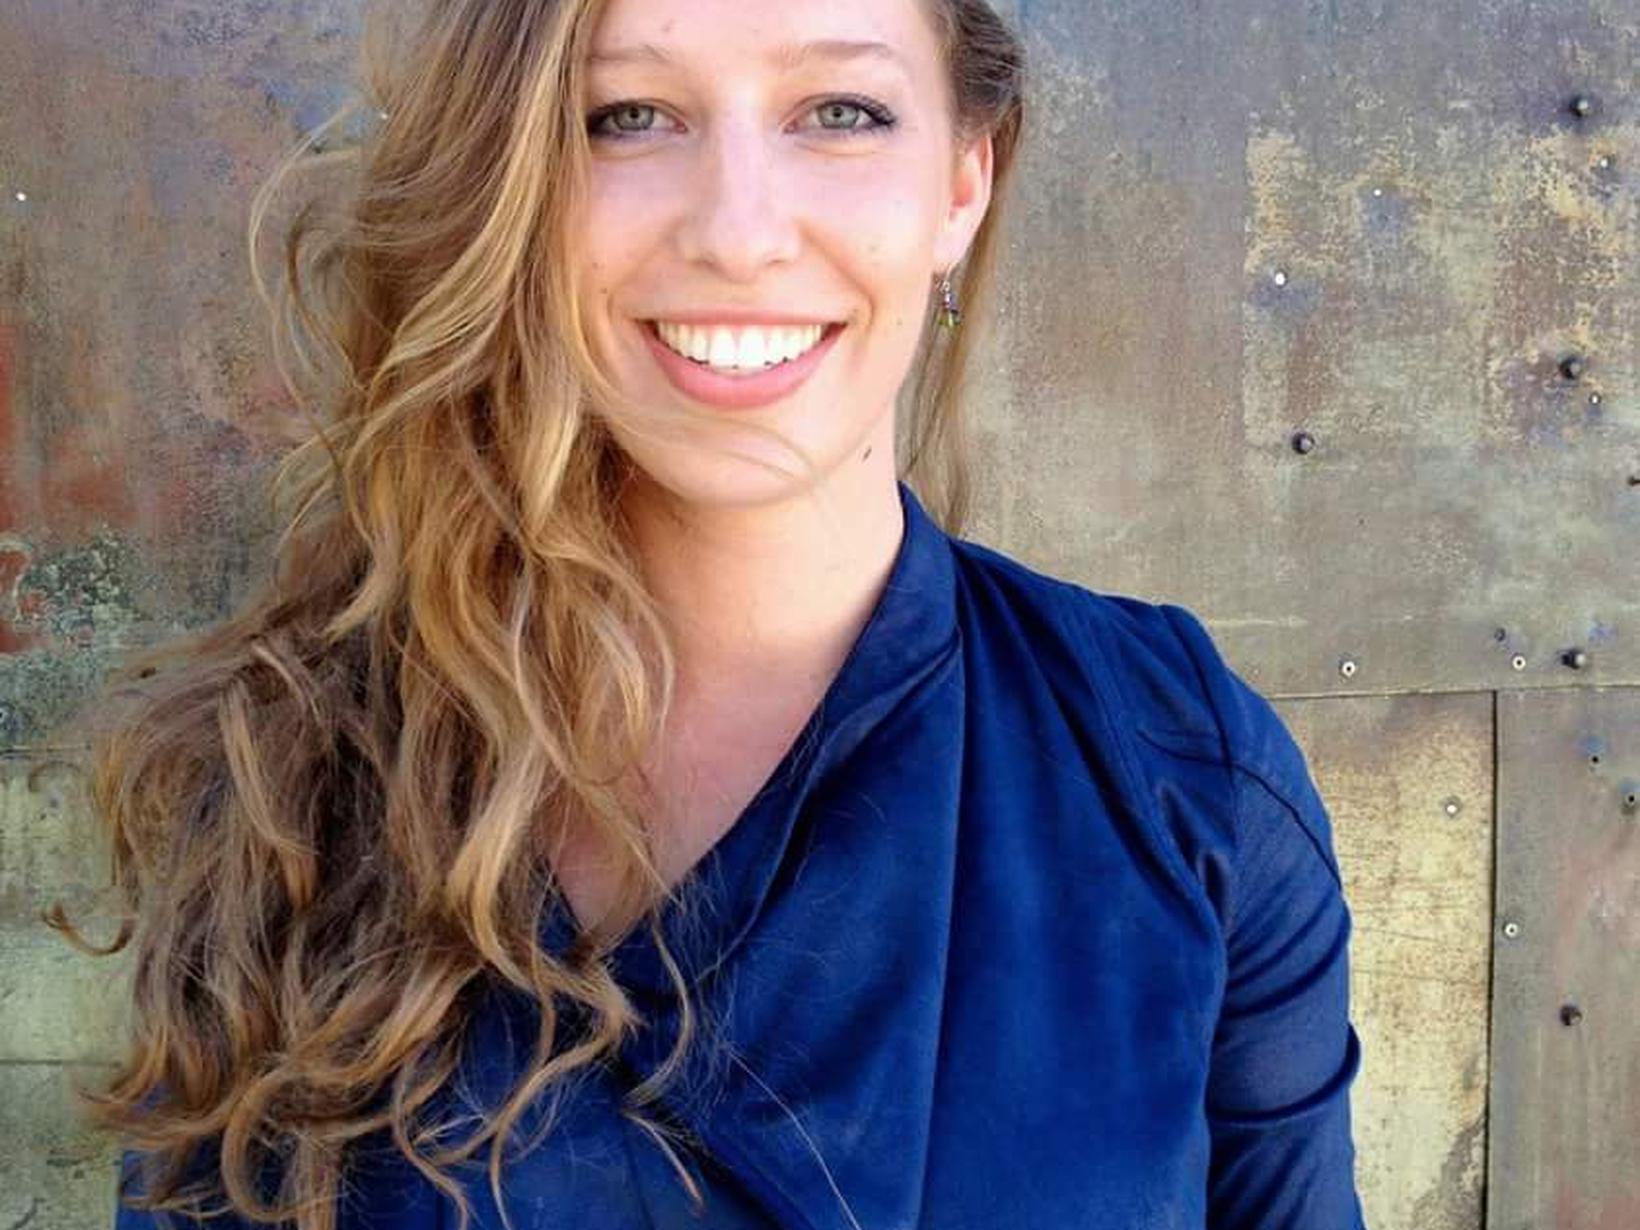 Ashley from London, United Kingdom